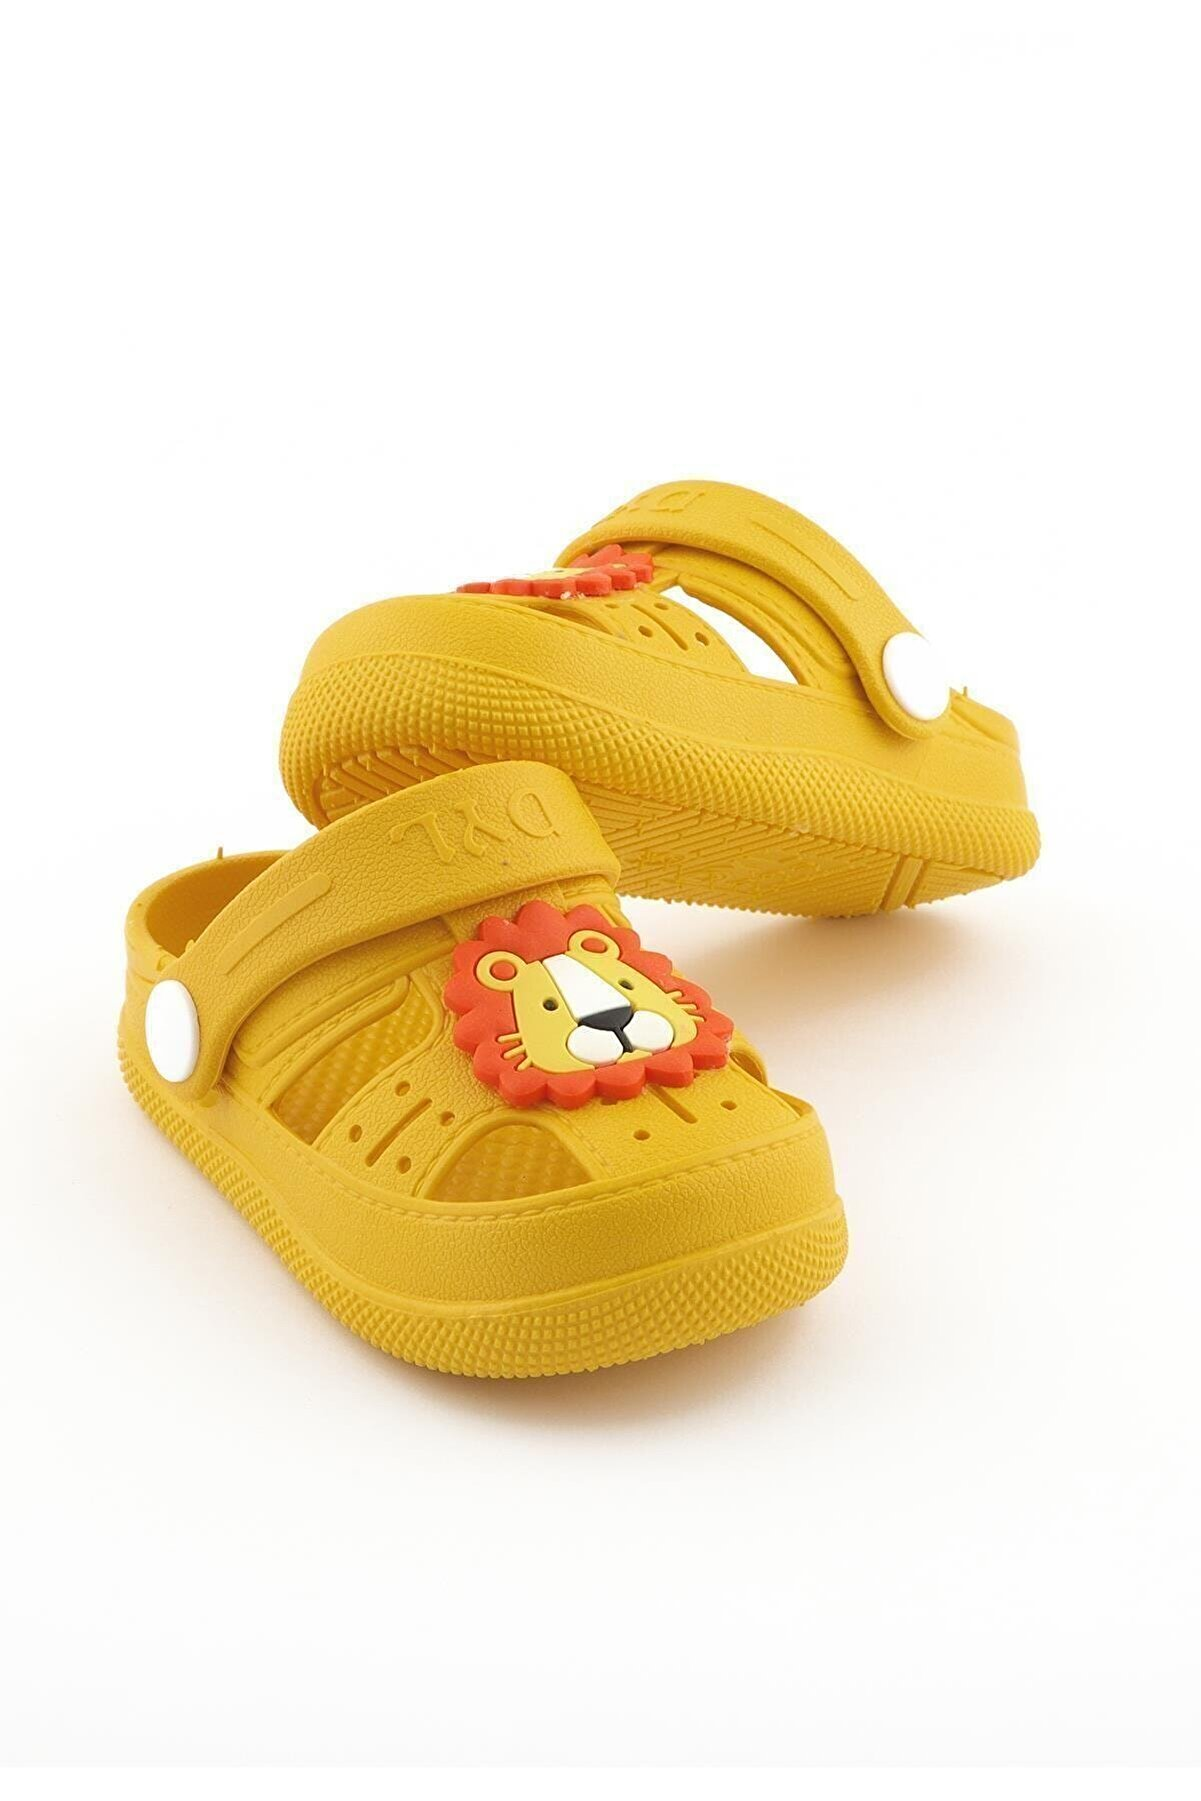 Daye Çocuk Günlük Ortopedik Kaymaz Taban Hayvan Figürlü Çocuk Sandalet Terlik - Sarı